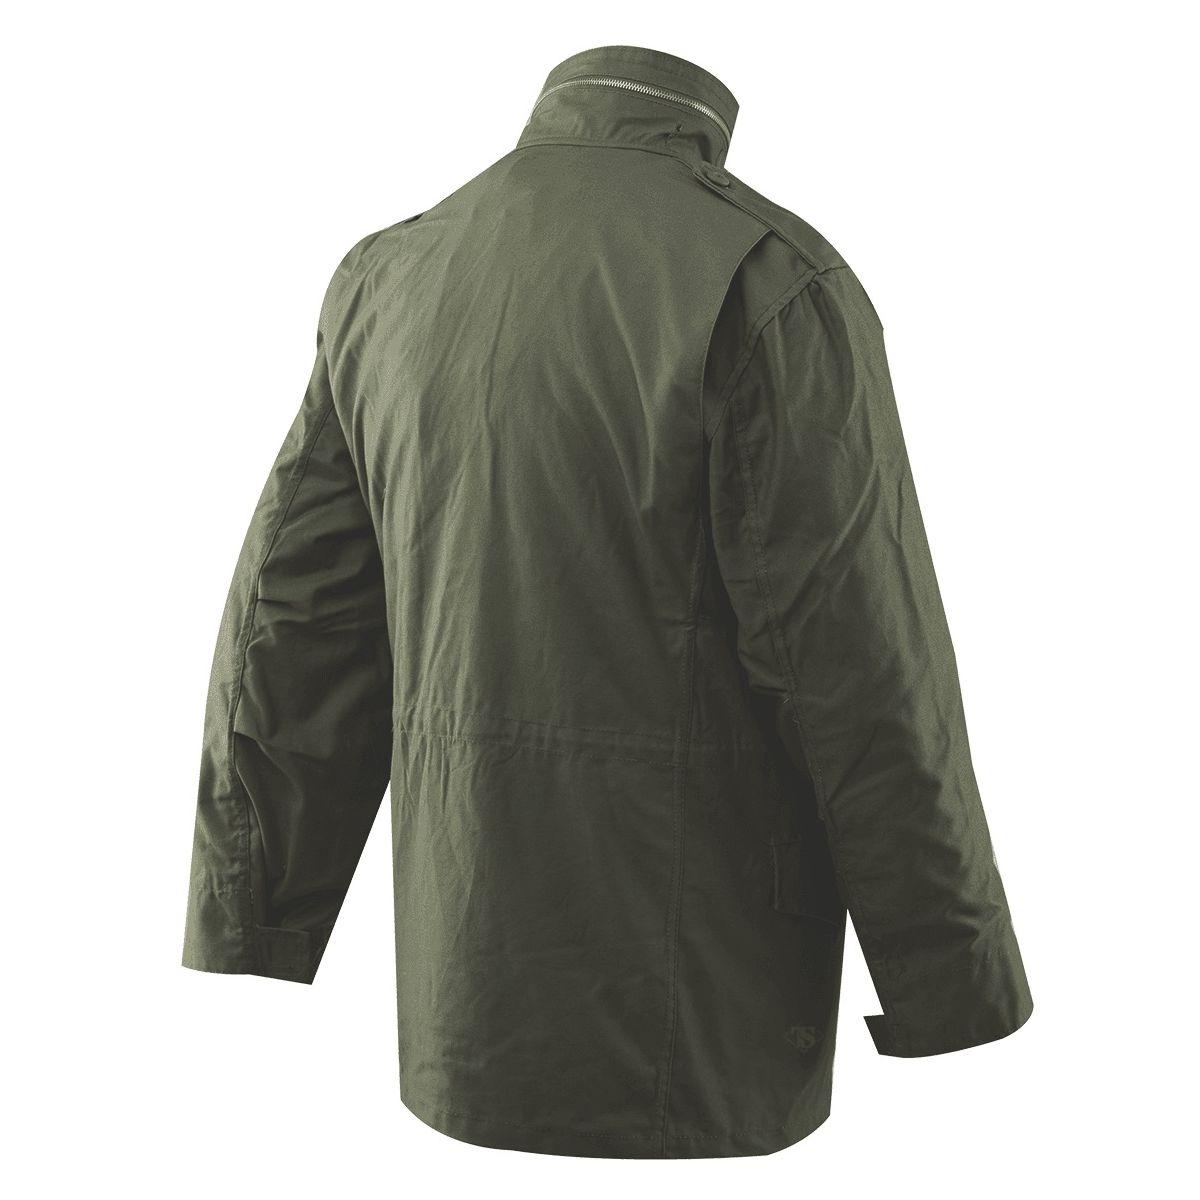 Jacket M65 with liner OLIVE TRU-SPEC 24420 L-11